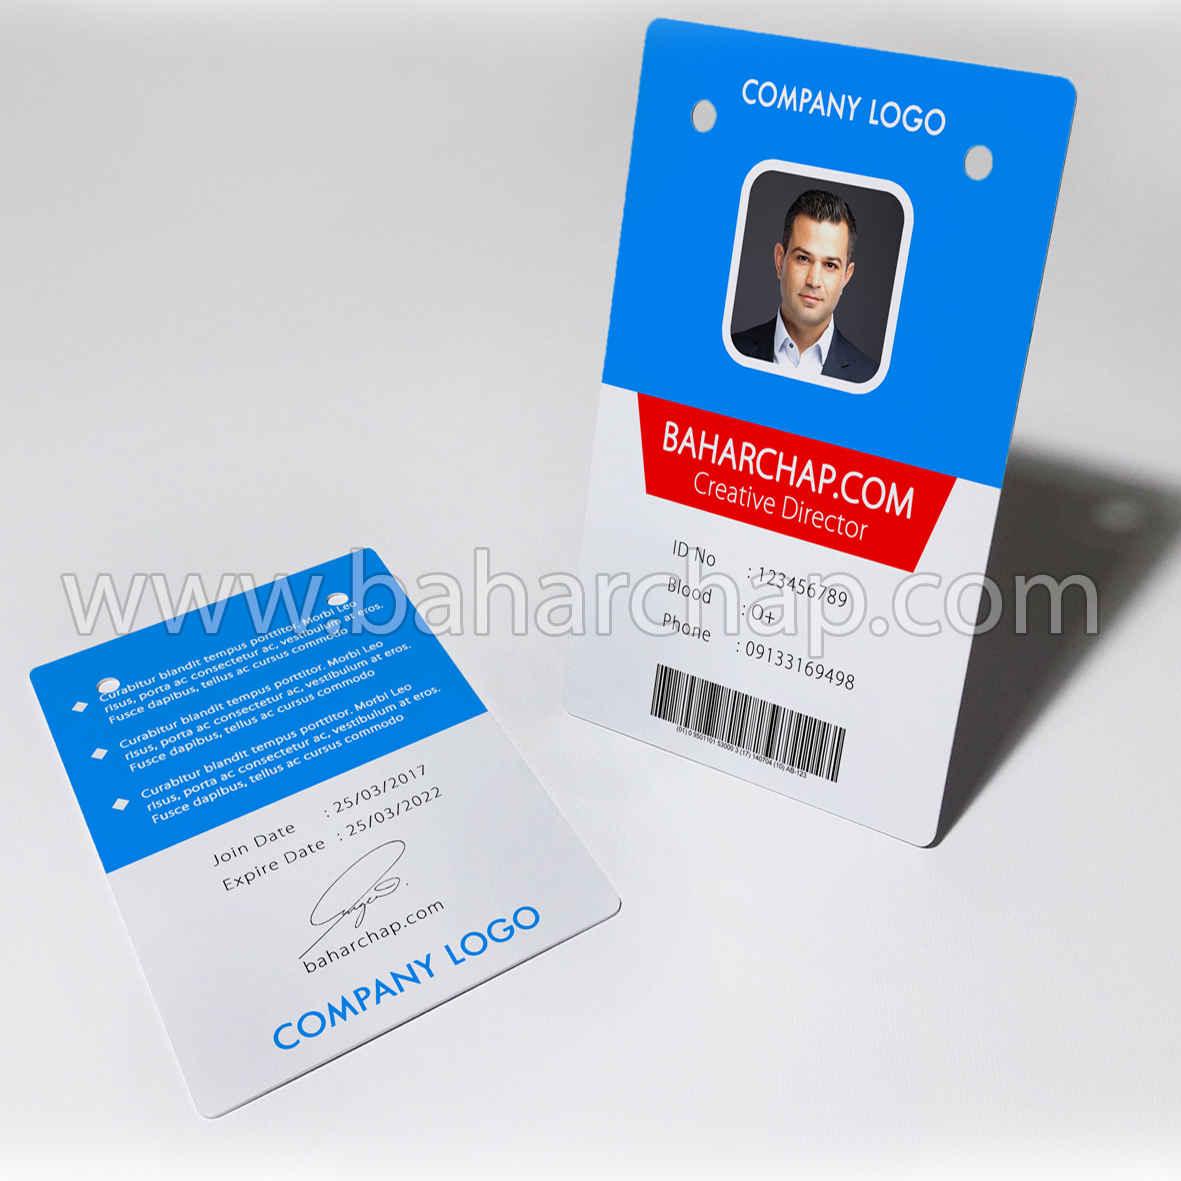 فروشگاه و خدمات اینترنتی بهارچاپ اصفهان-کارت پرسنلی PVC اپسون-PVC Personnel Card for Epson R260 R265 R270 R280 R290 R380 R390 RX680 T50 T60 A50 P50 L800 L801 R330